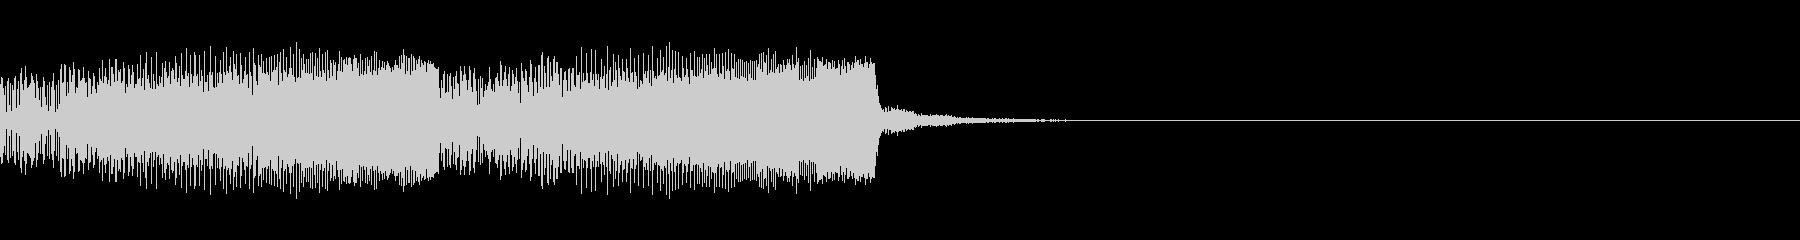 パチンコ的アイテム獲得音01B(電子音)の未再生の波形